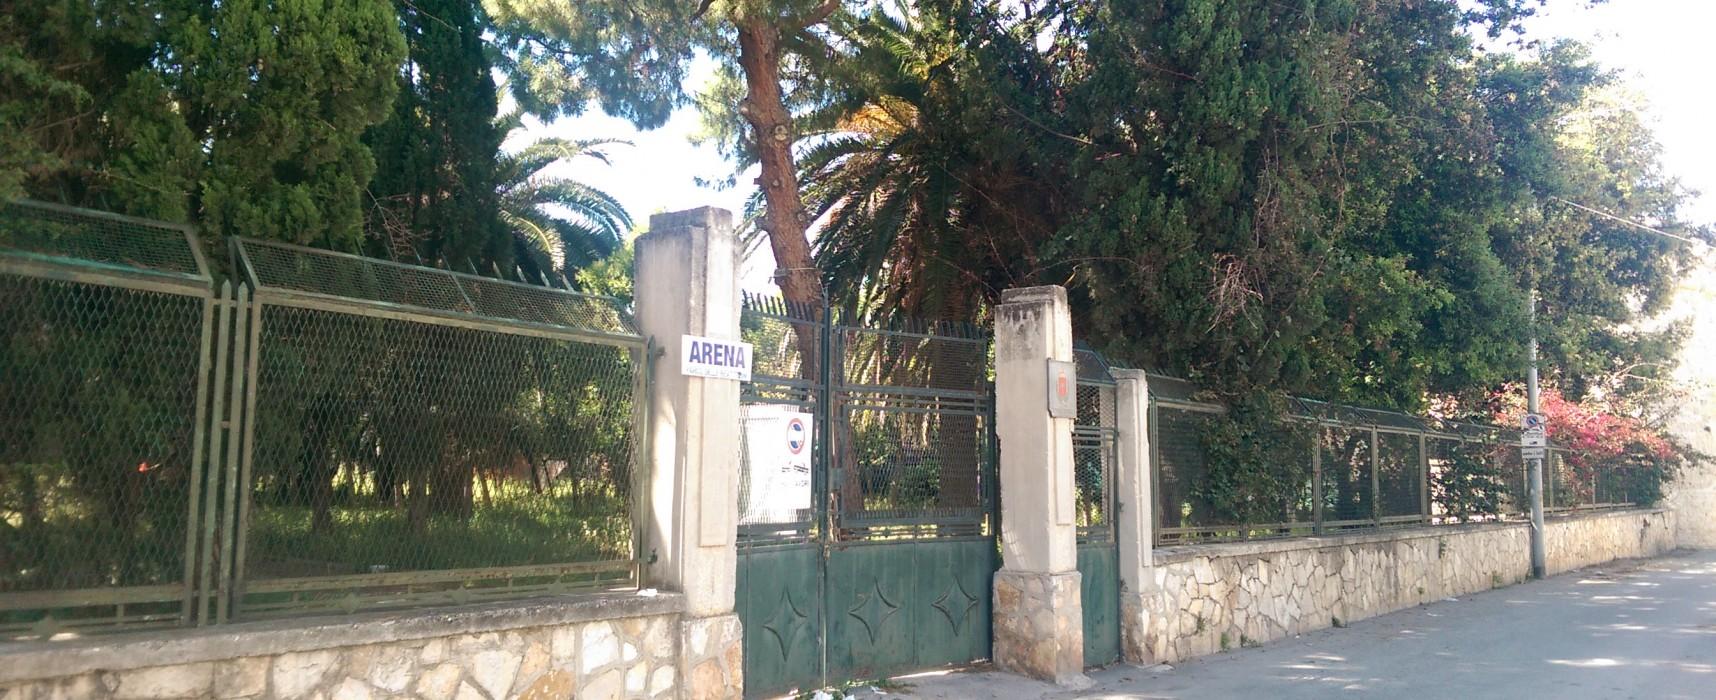 Parco delle Beatitudini concesso in affidamento per tre anni, dovrà esserne garantita l'apertura